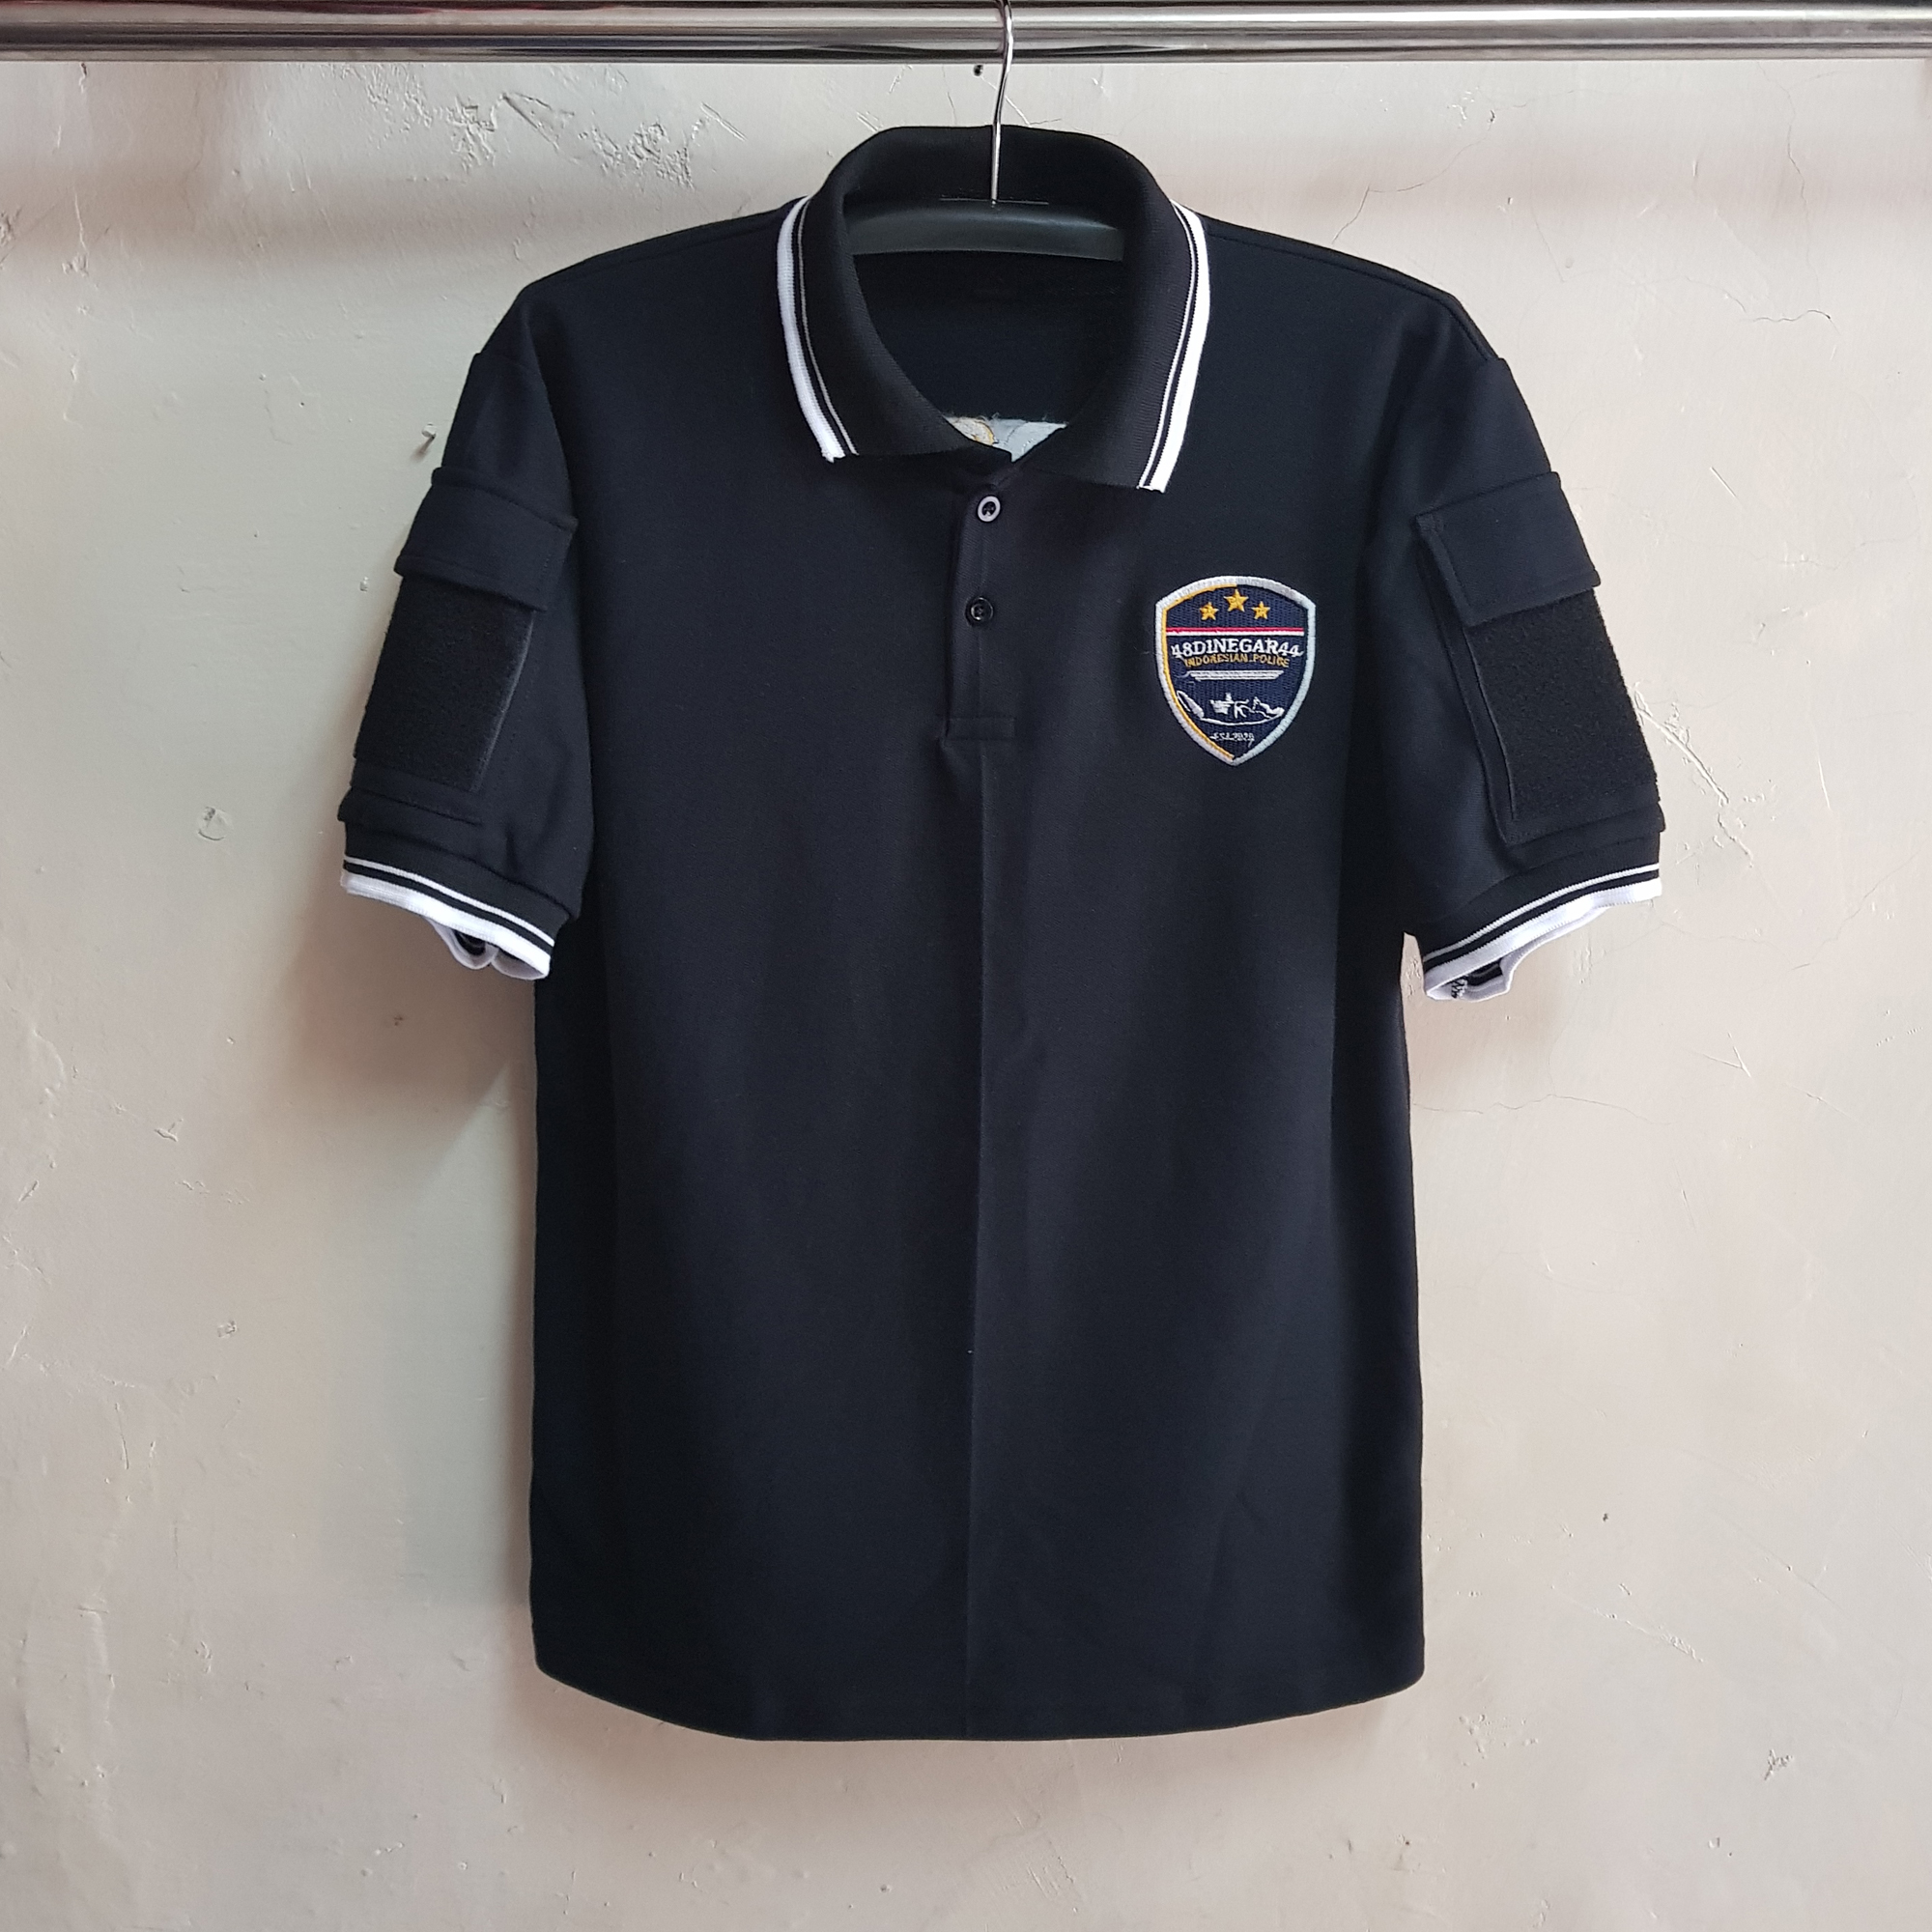 Kaos Kerah Tactical 2B1, Seragam Poloshirt